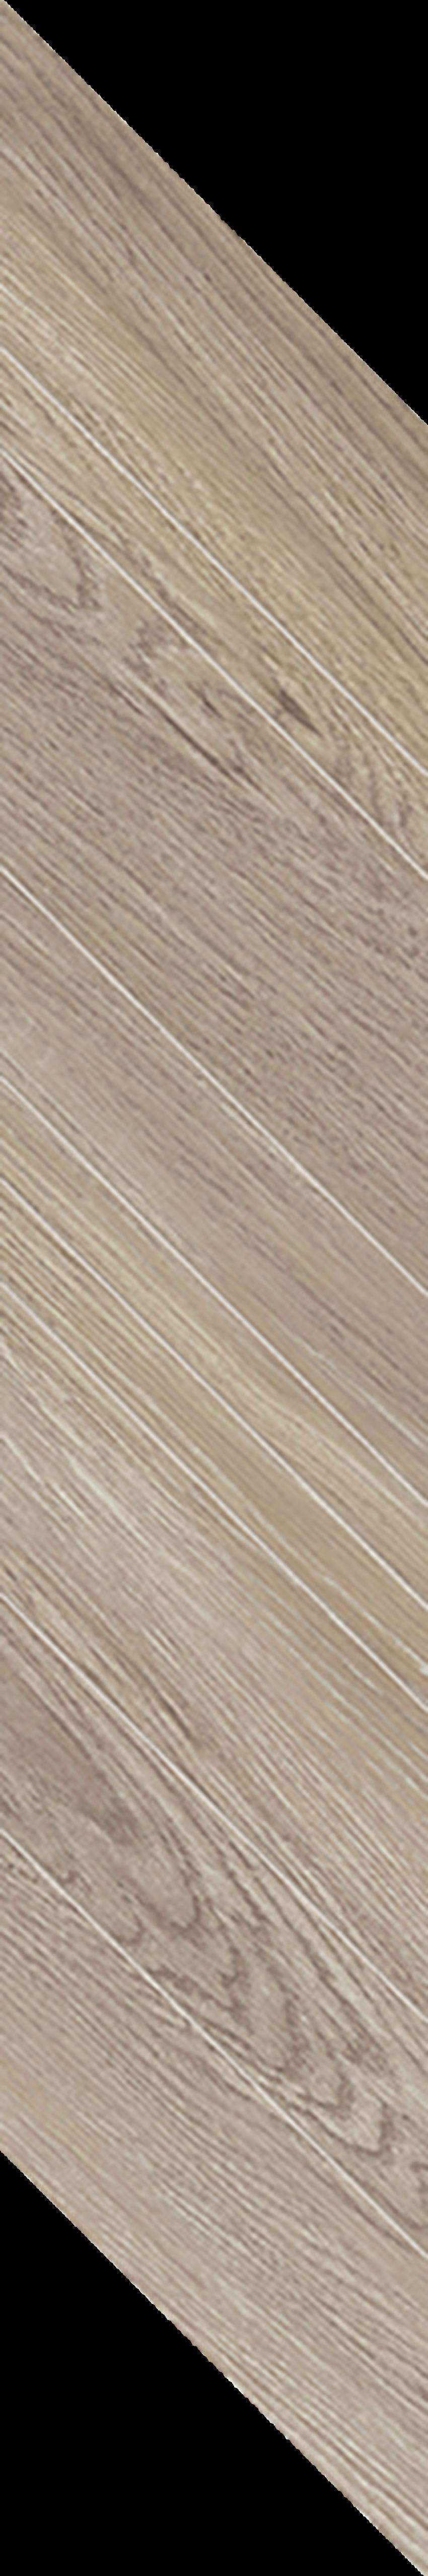 Płytka dekoracyjna 14,8x88,8 cm Paradyż Wildland Warm Dekor Chevron Lewy